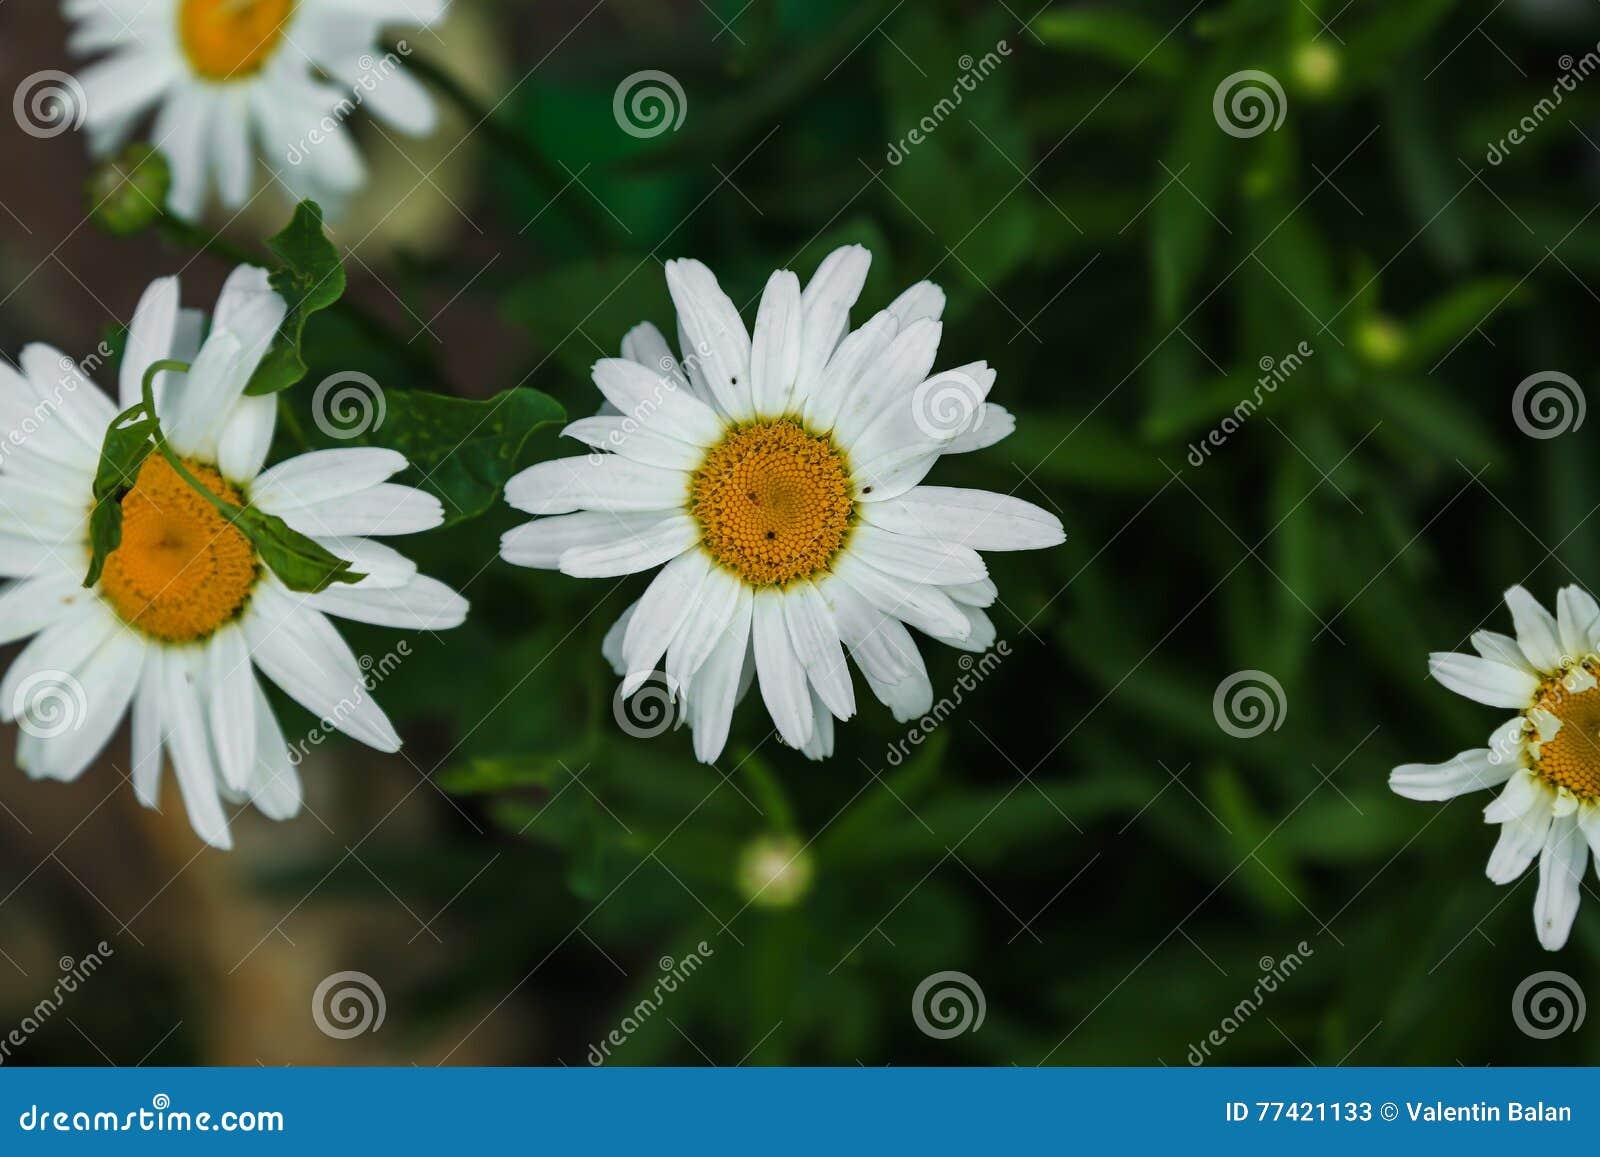 White daisy like chamomile flower stock image image of daisy white daisy like chamomile flower meadow plant izmirmasajfo Images